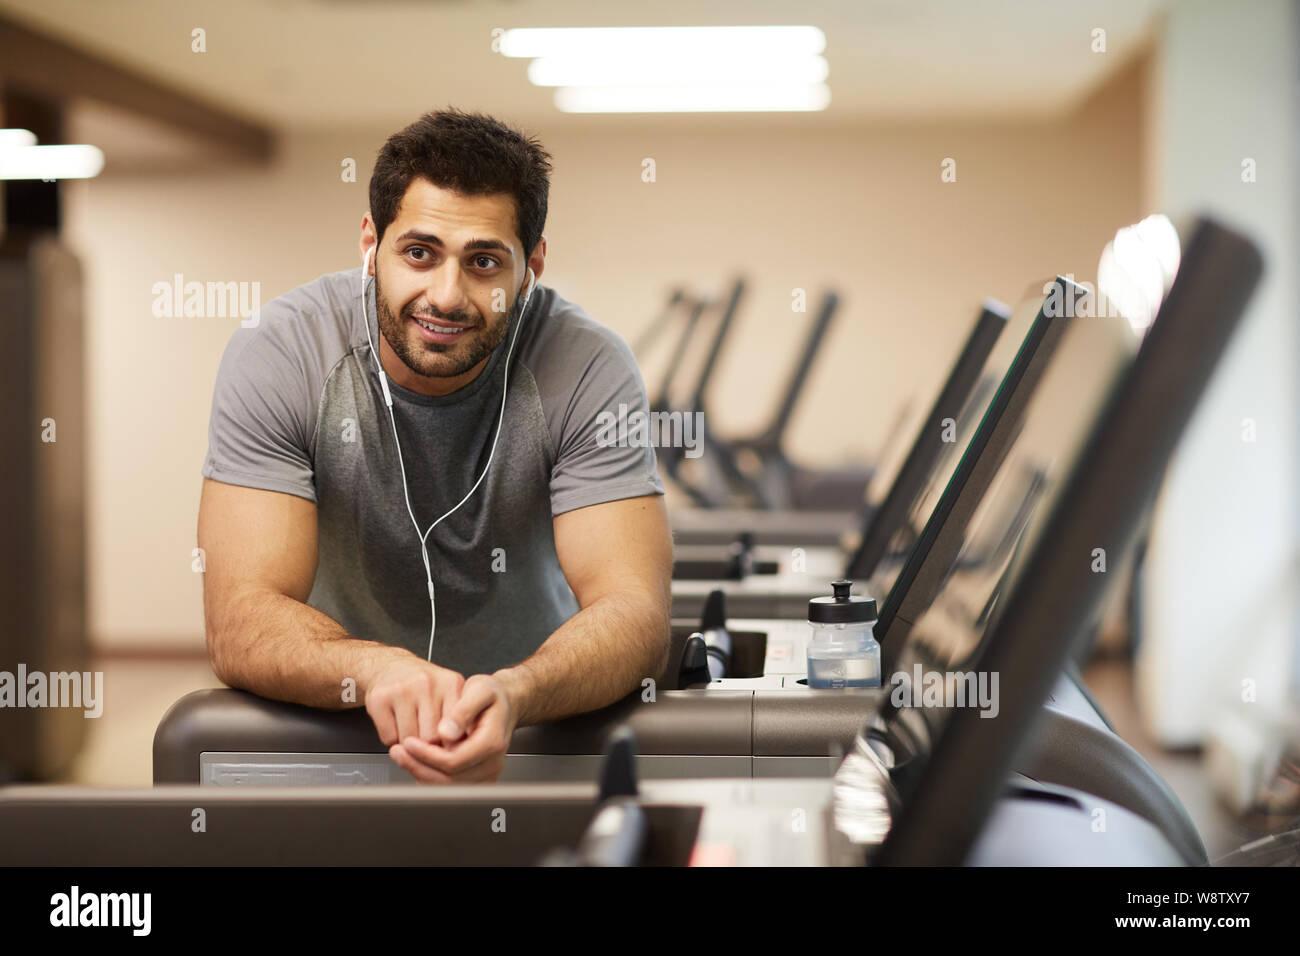 Portrait de l'homme musclé en pause de l'exercice dans la salle de sport et à l'écoute de musique, copy space Banque D'Images